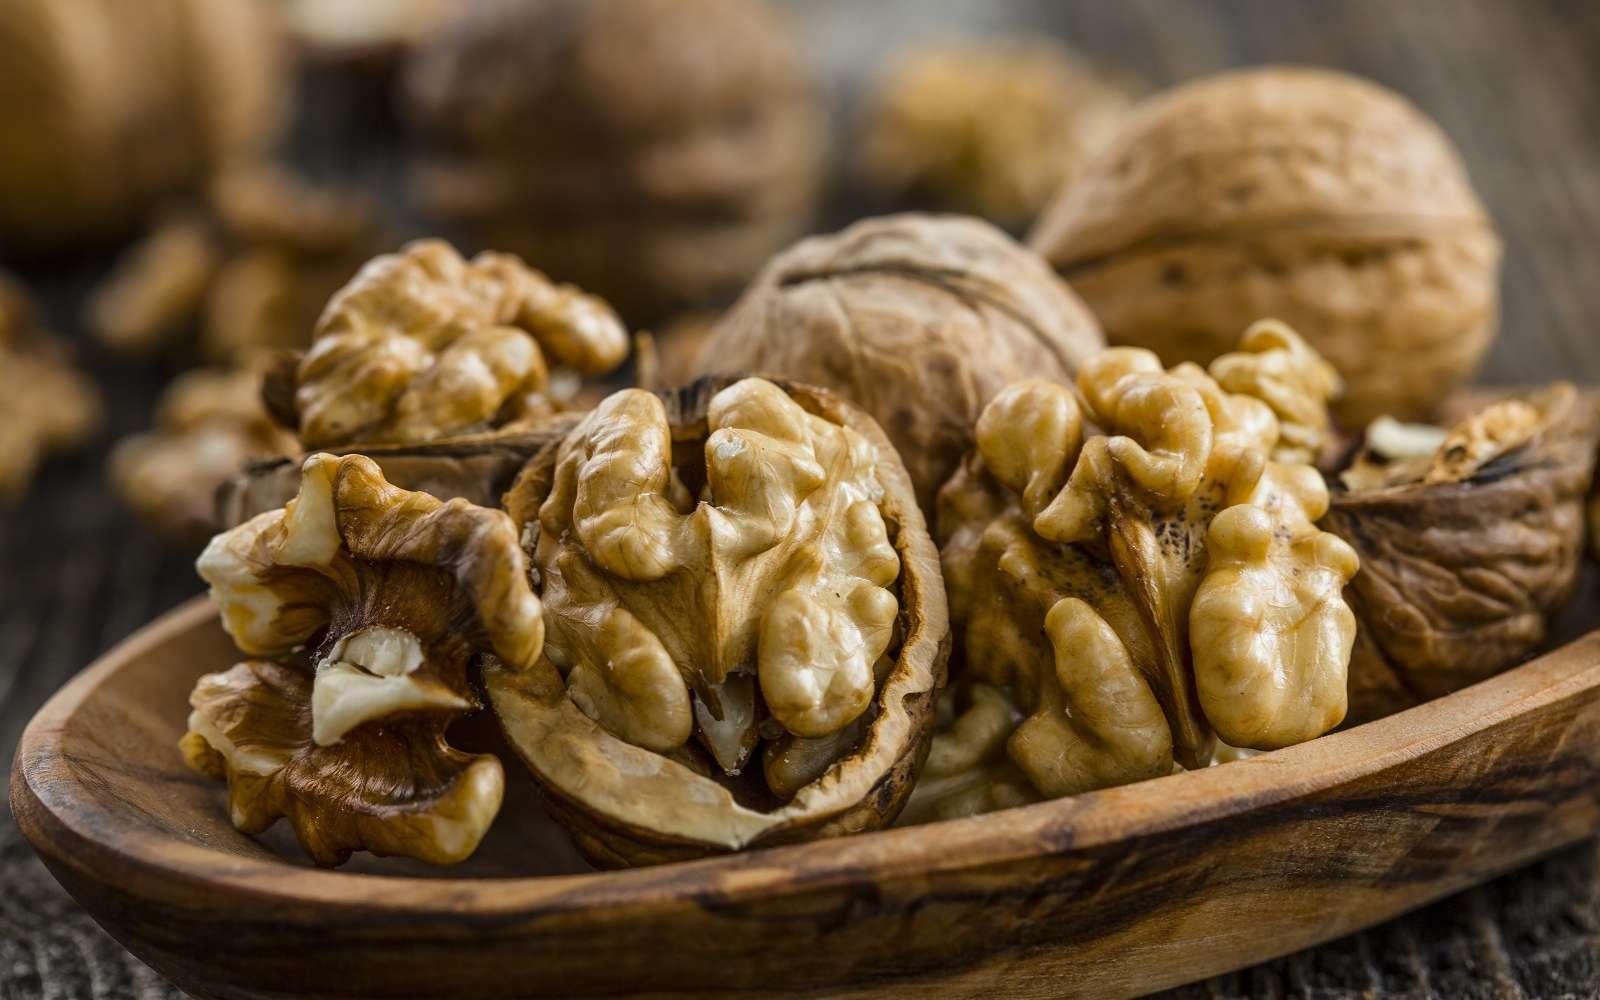 La noix est un fruit comestible à coque, ses cerneaux peuvent être mangés frais ou secs. © Ivan, Adobe stock